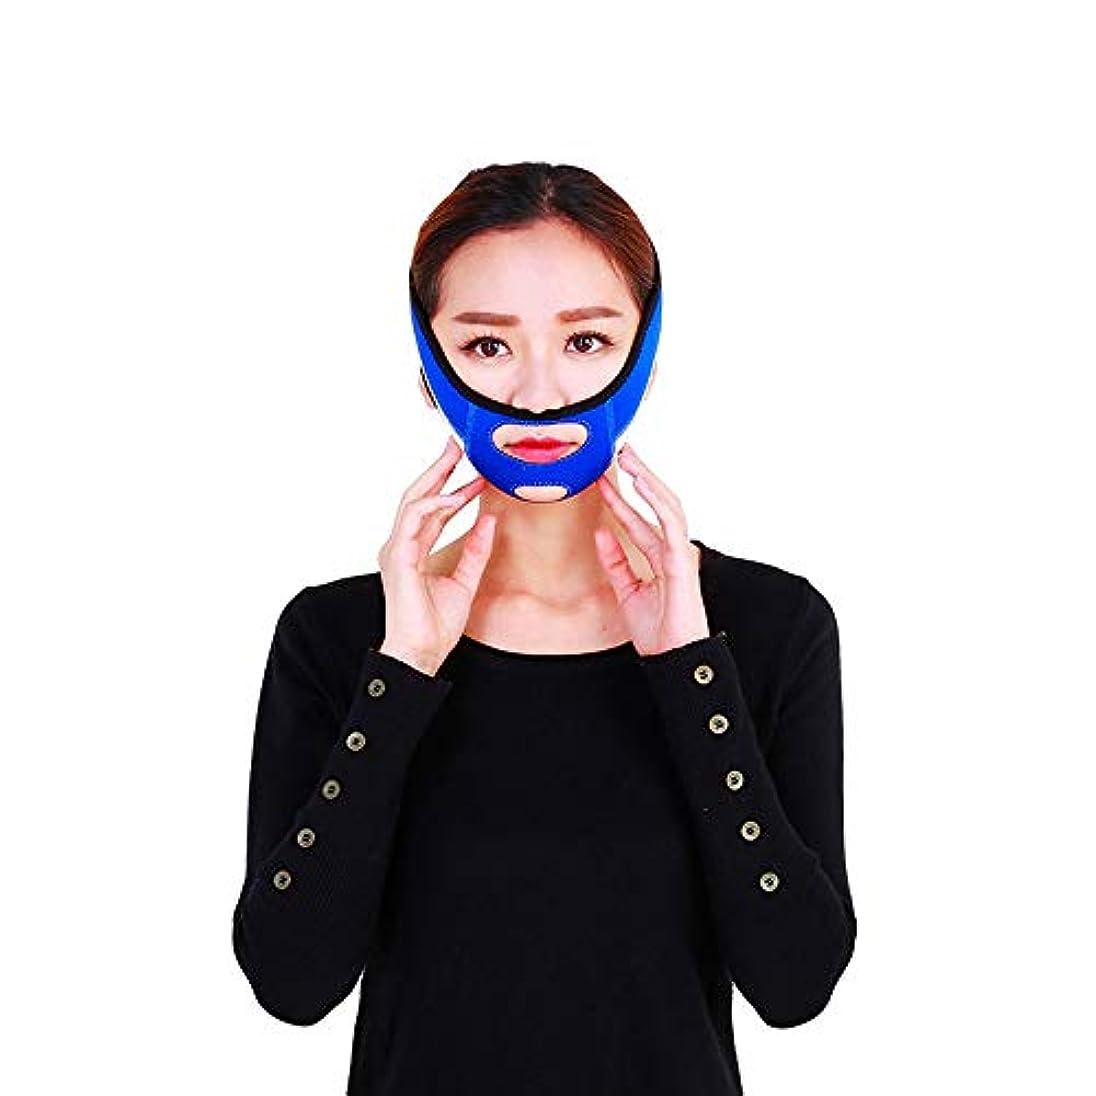 ぼろ順応性雪だるまフェイシャルリフティング痩身ベルトフェーススリム二重あごを取り除くアンチエイジングリンクルフェイス包帯マスク整形マスクが顔を引き締める